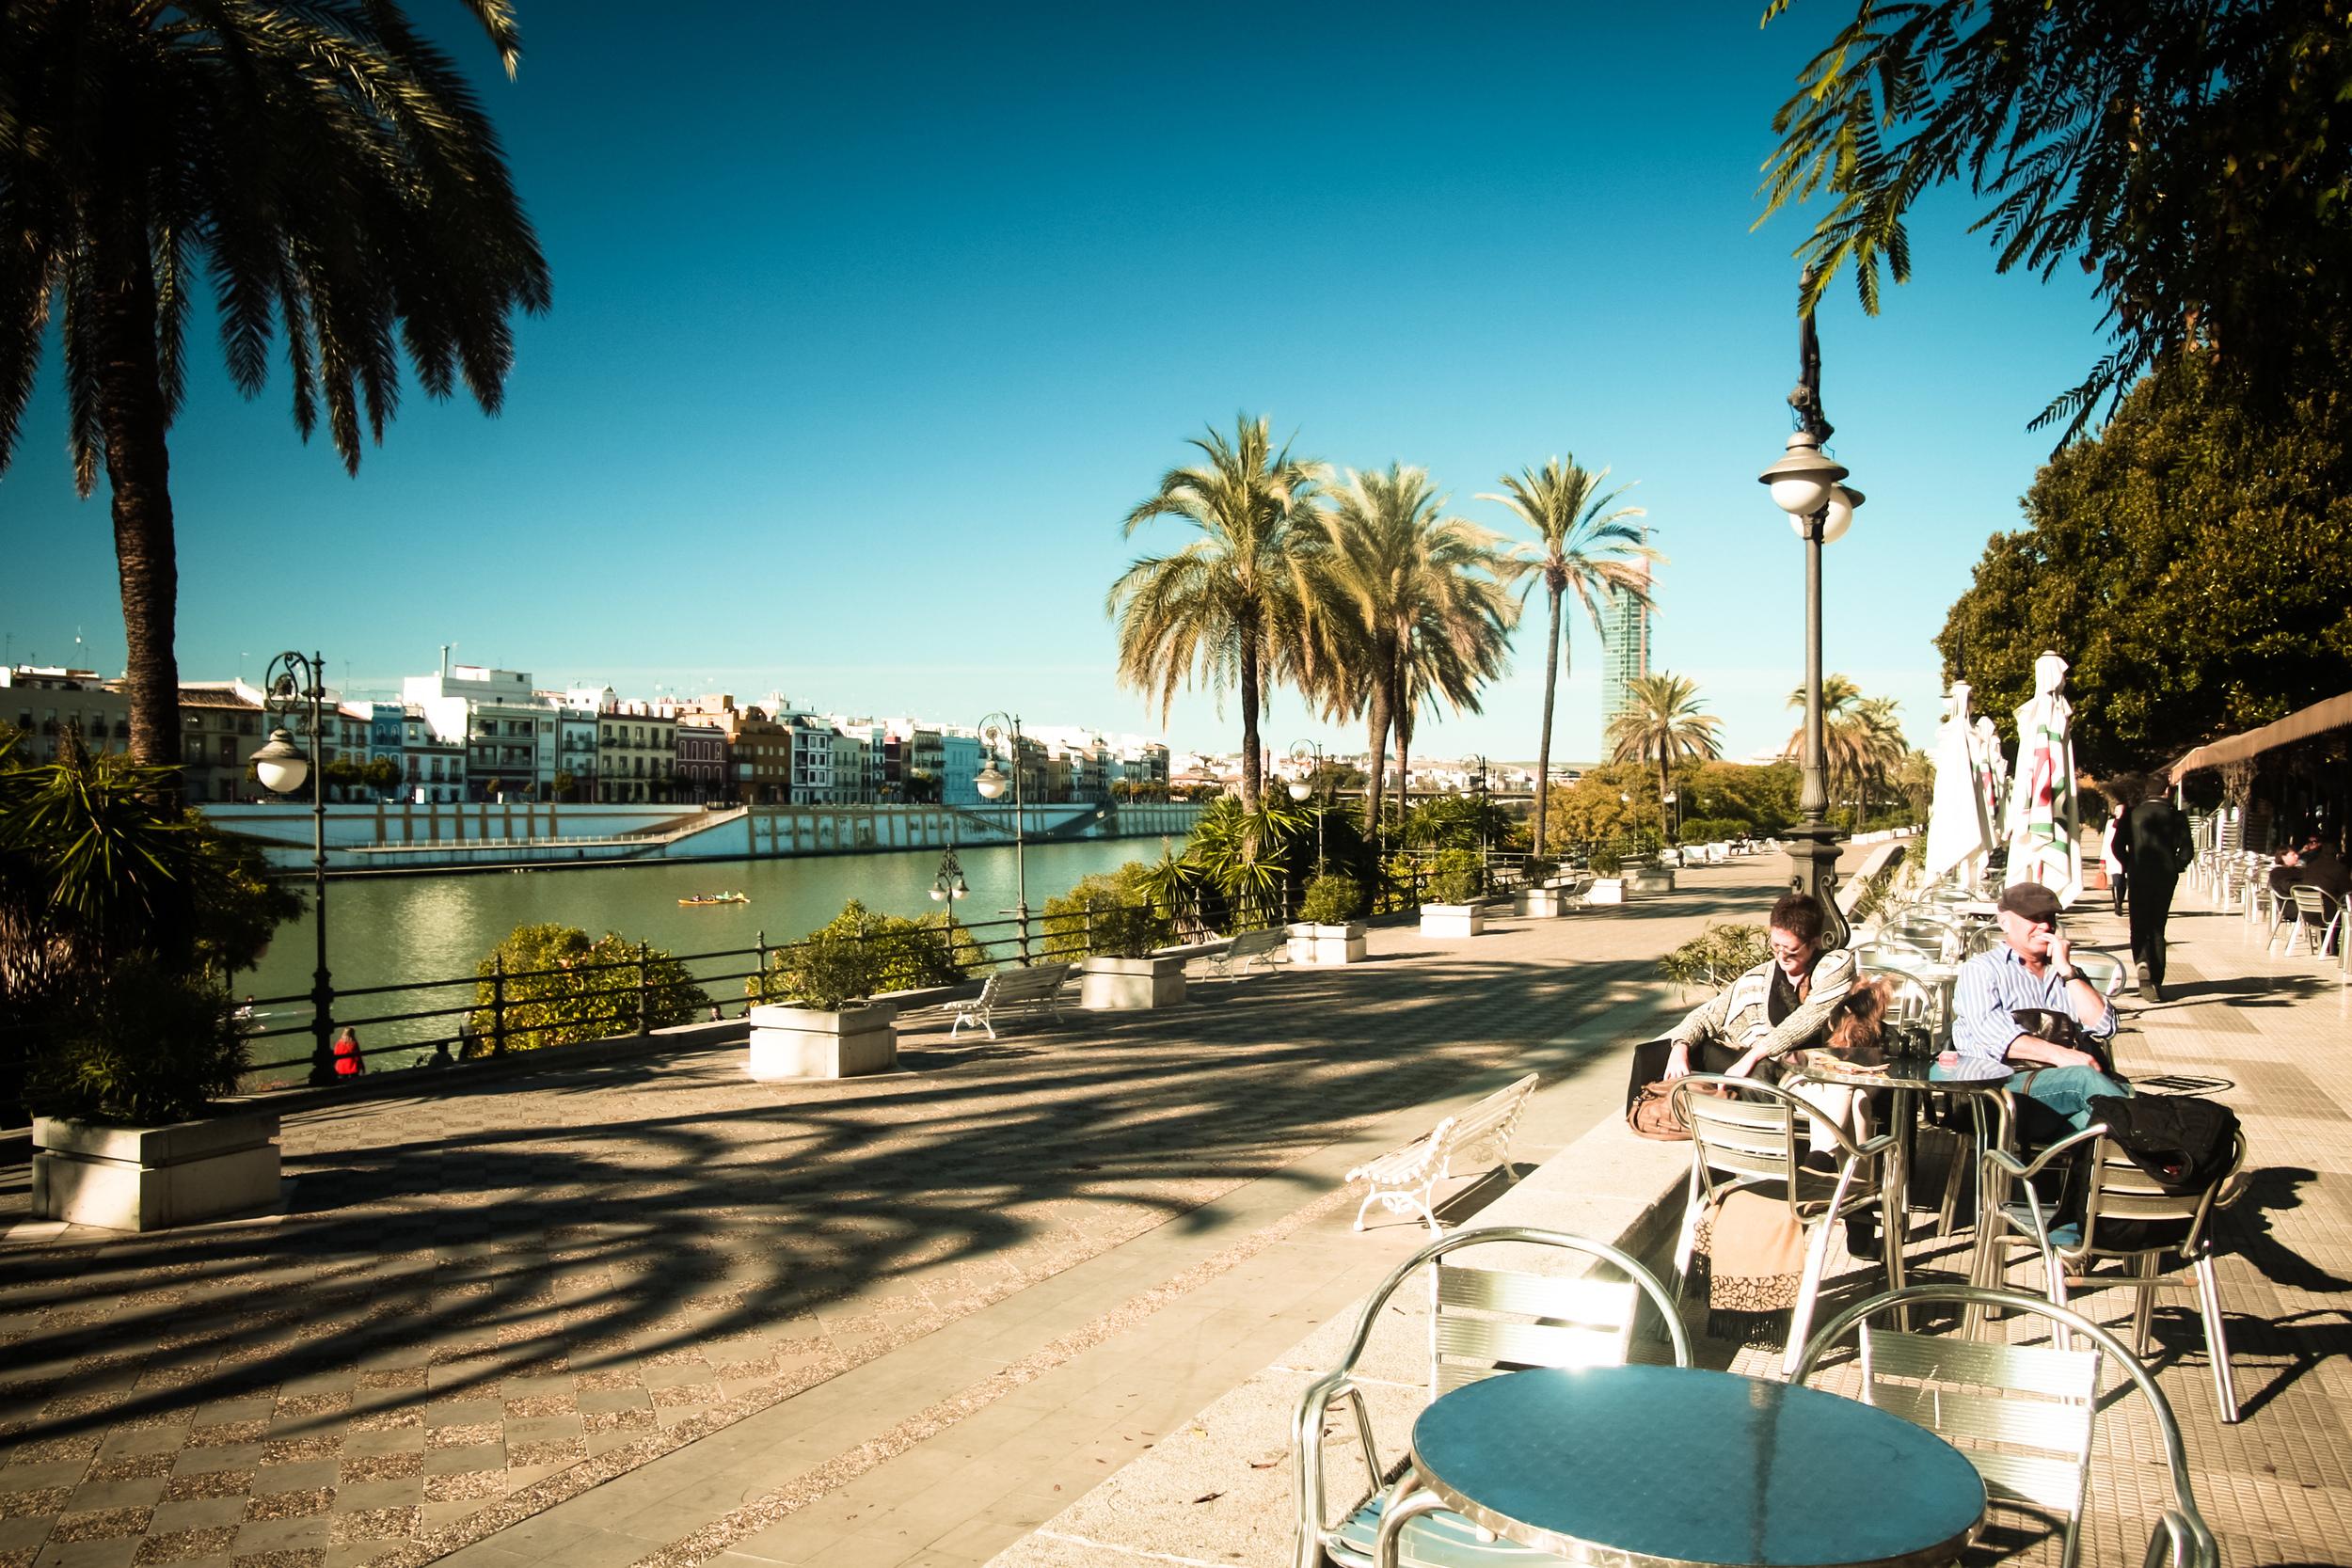 POR-Sevilla-Day5-19.jpg